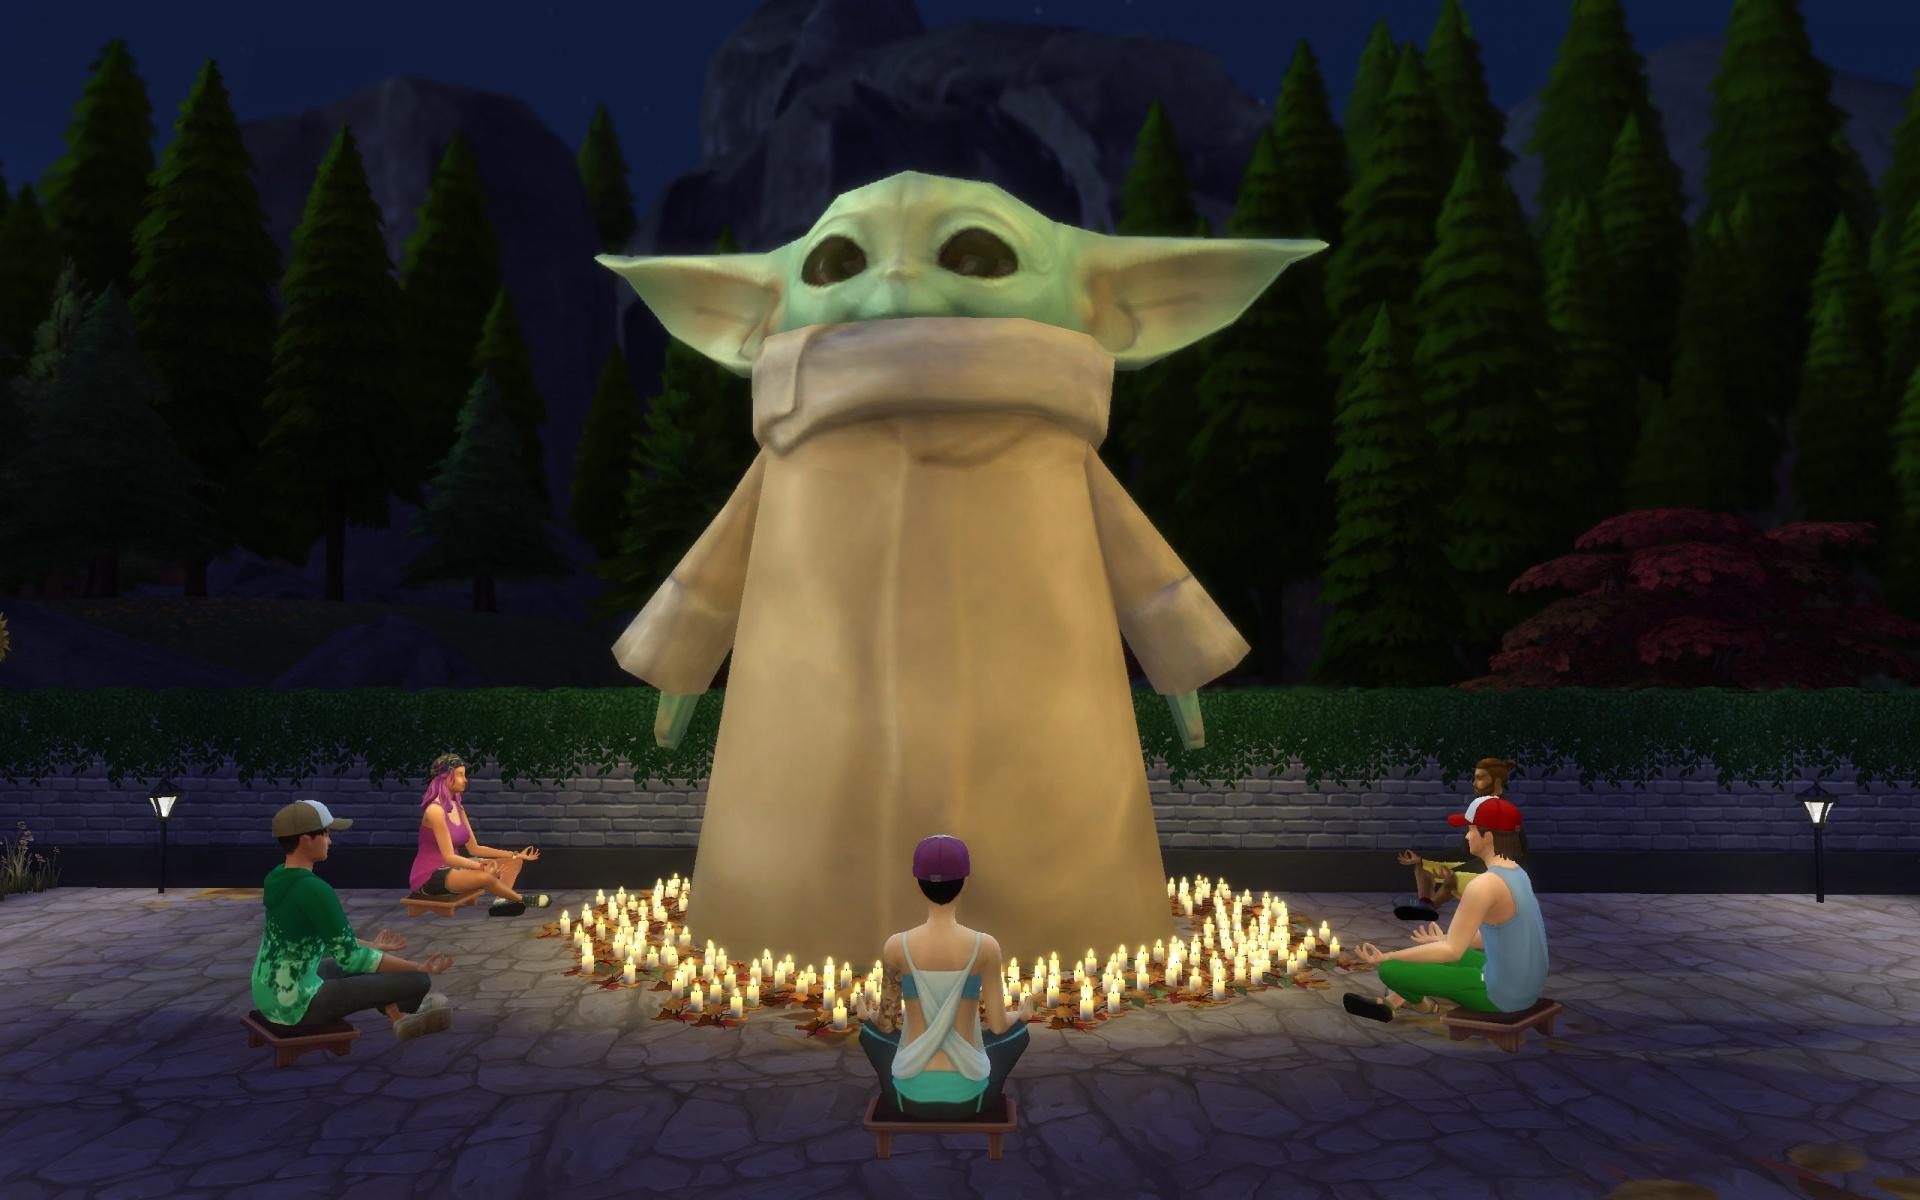 В The Sims4 появится новый контентный набор Arts & Crafts, сформированный игроками